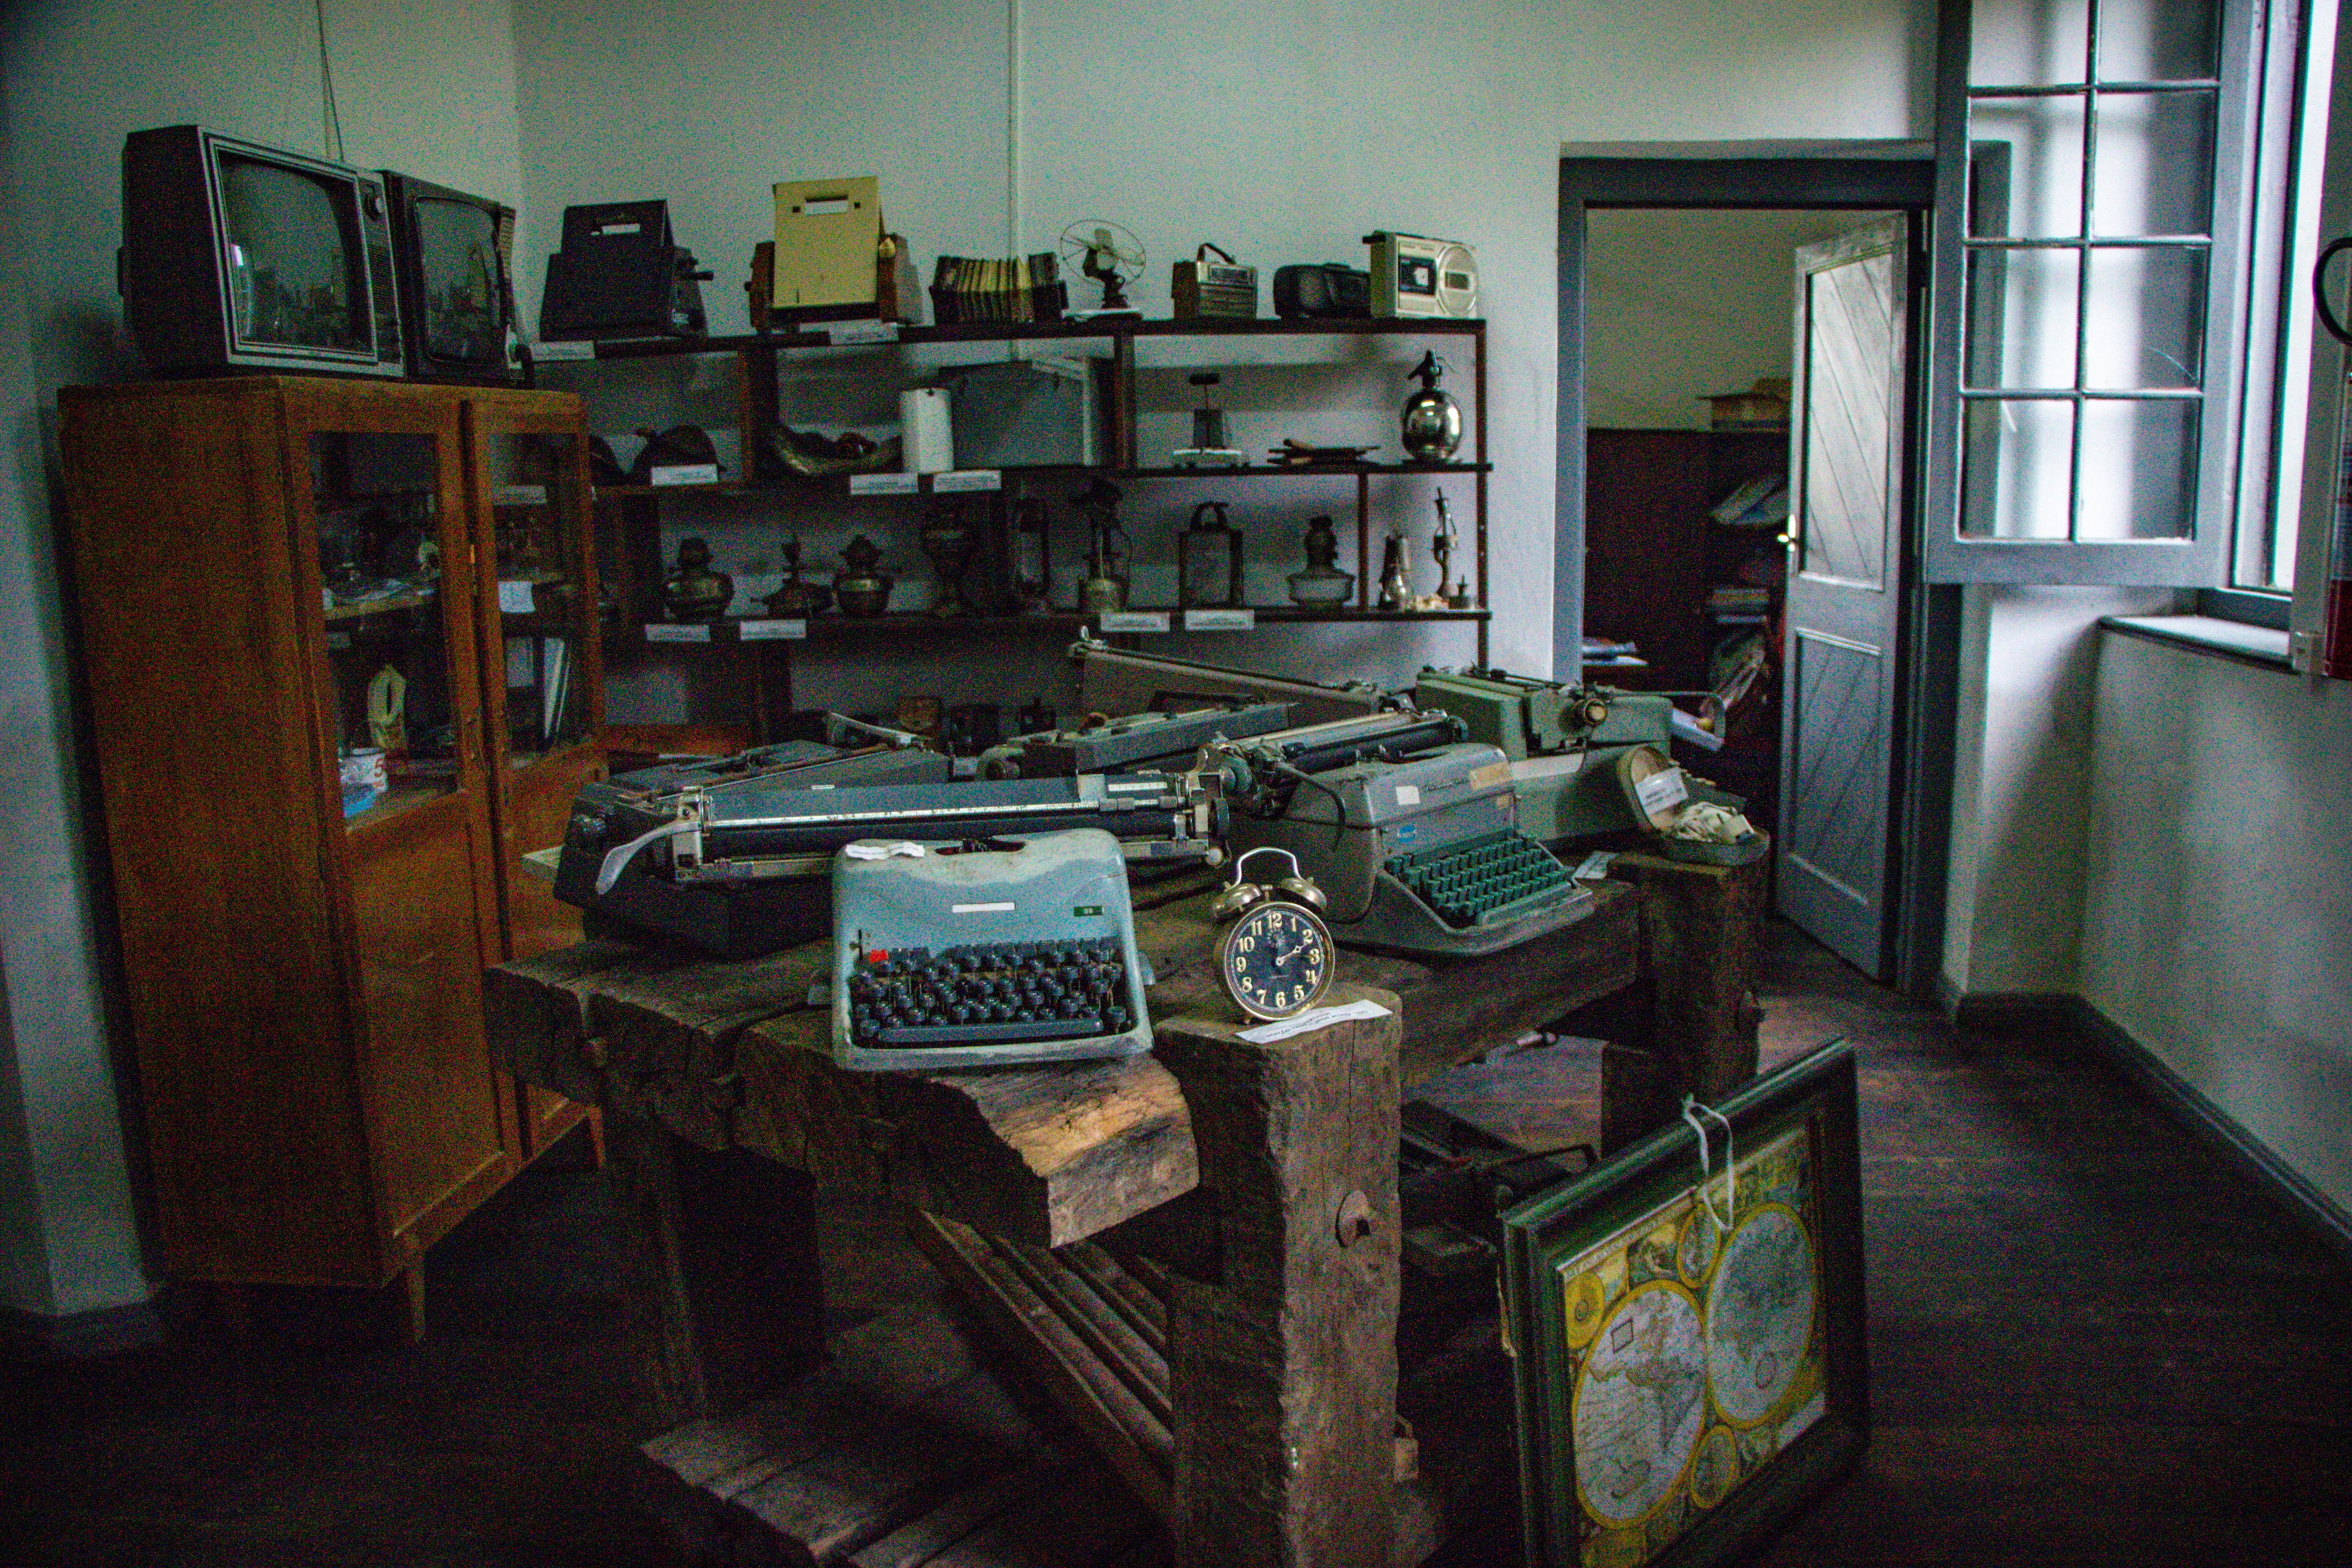 PEDRAS GRANDES, Museu de Pedras Grandes